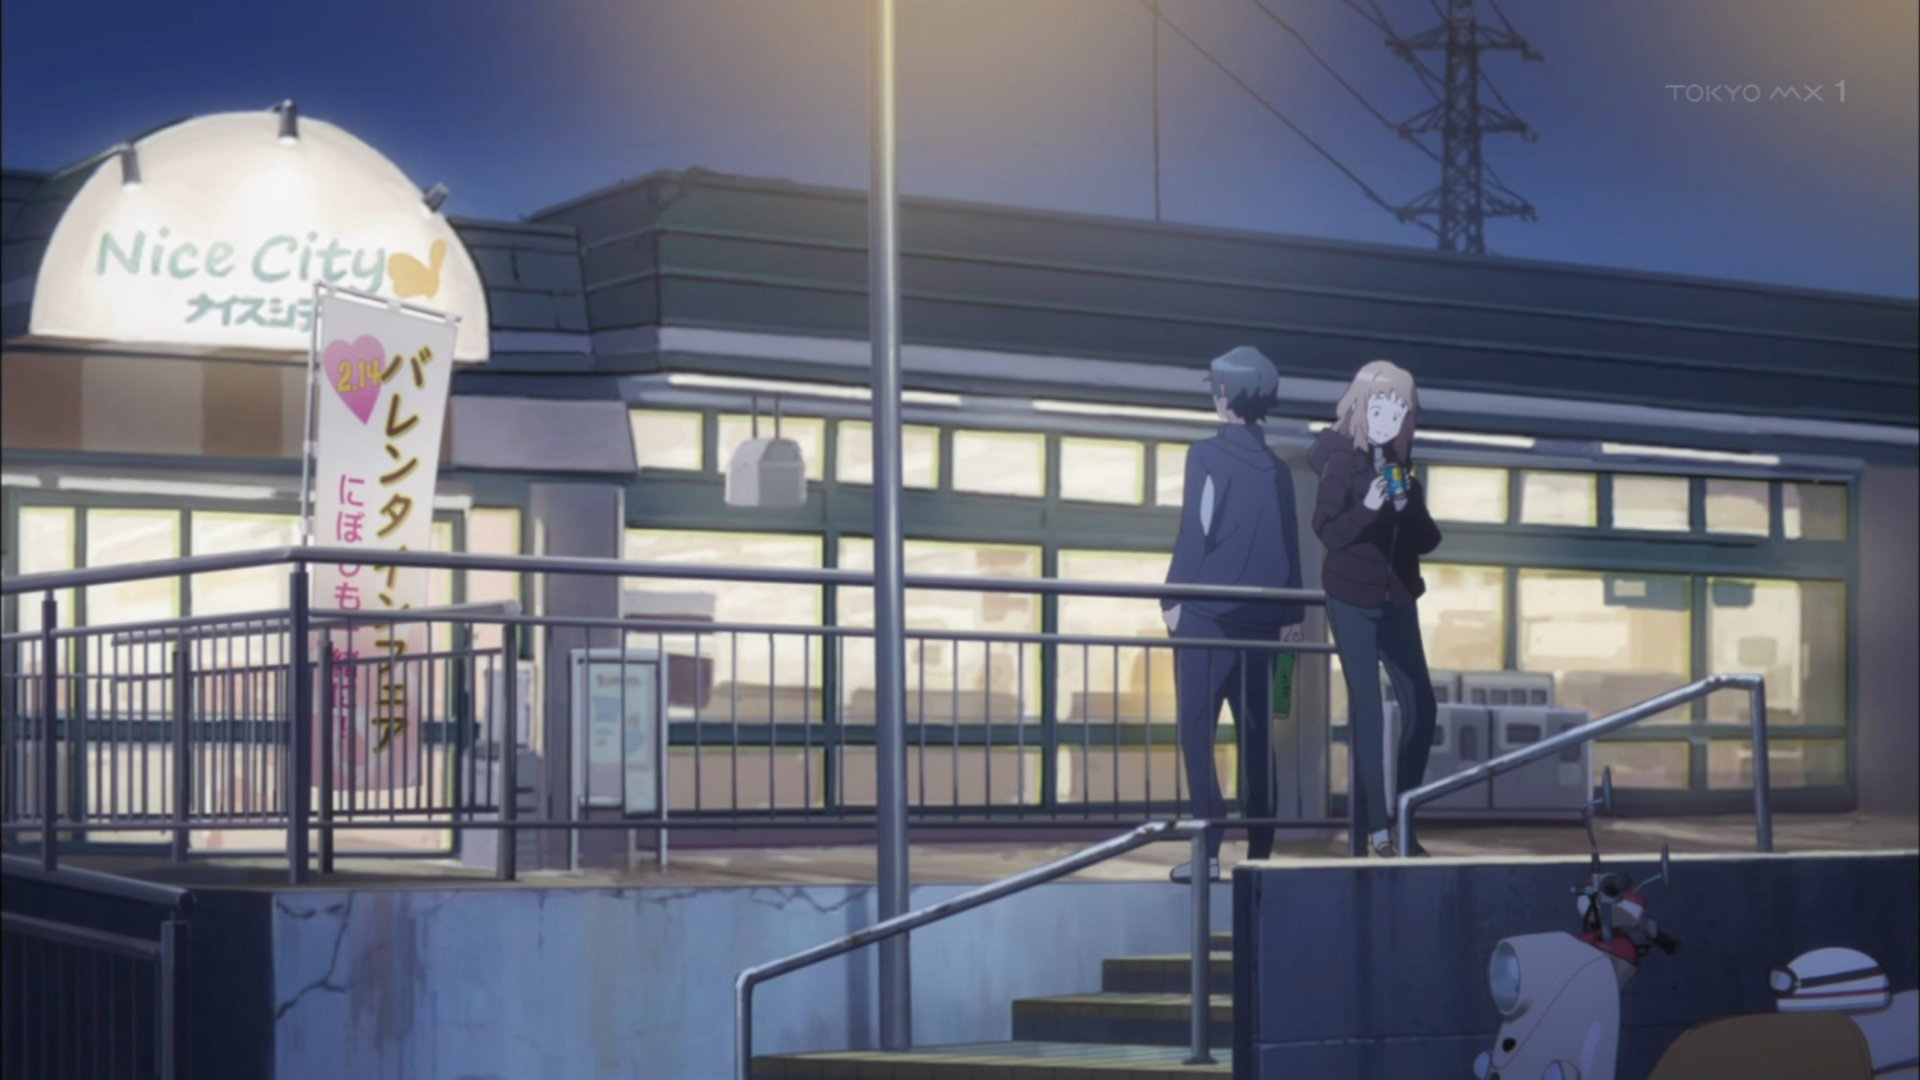 バレンタインフェア←わかる にぼしも一緒に!←???? #JB_anime https://t.co/ueOrx804ls